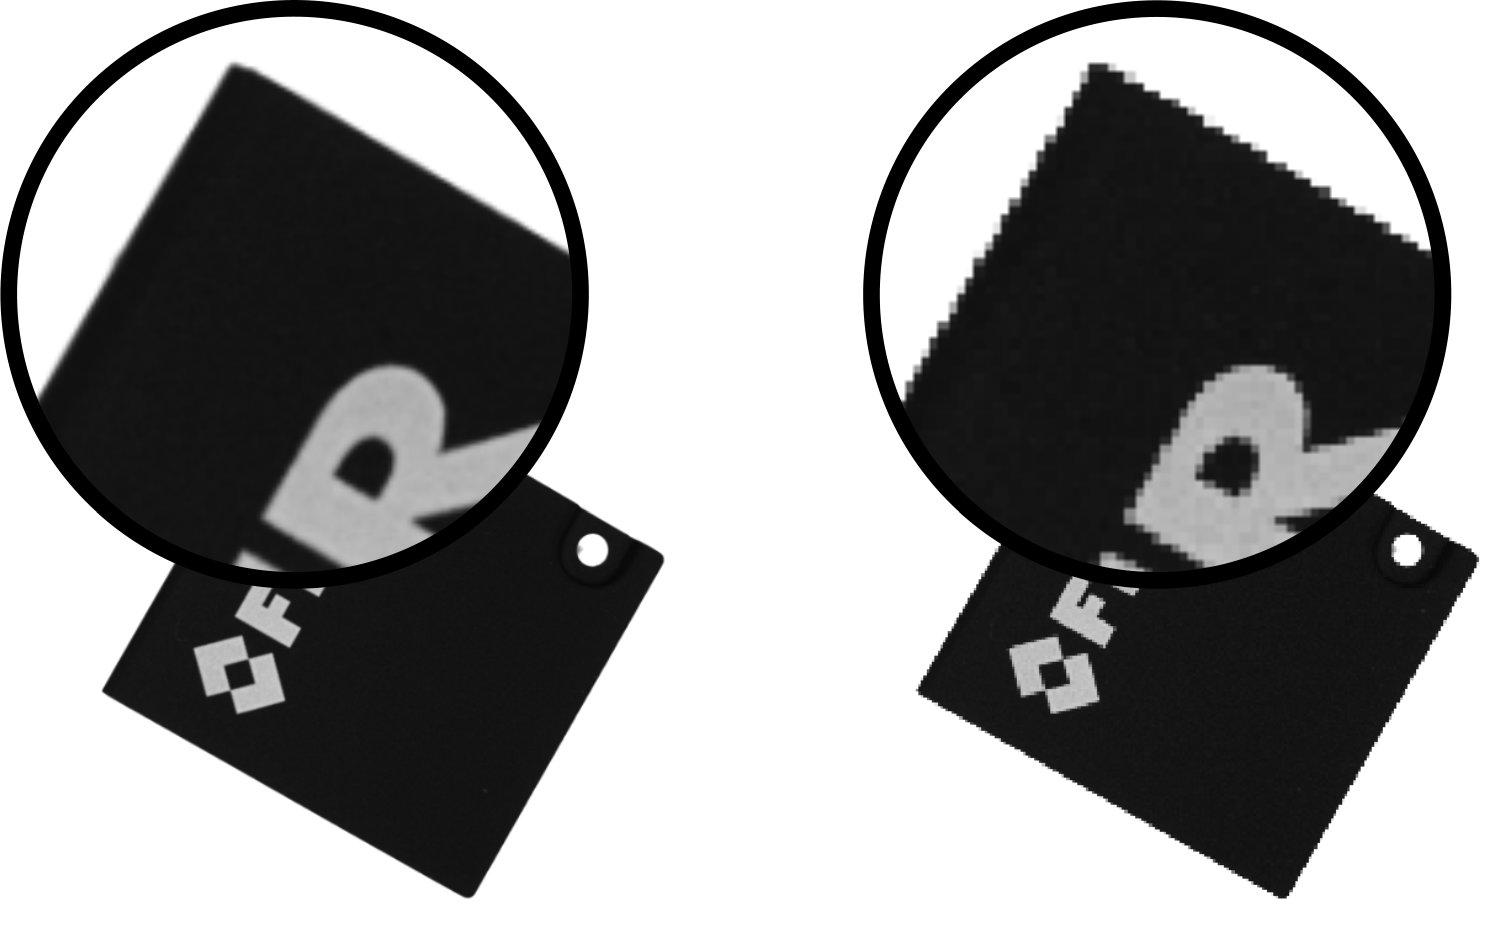 Bild 1 | Während Bilder, deren Größe mit verschiedenen Methoden geändert wurde (links Kantenglättung mit Antialiasing, rechts ohne), auf den ersten Blick gleich aussehen, reichen die in weiß hervorgehoben Unterschiede aus, um einen signifikanten Einfluss auf die Genauigkeit der Deep Learning Inferenzergebnisse zu haben. (Bild: Flir Systems GmbH)